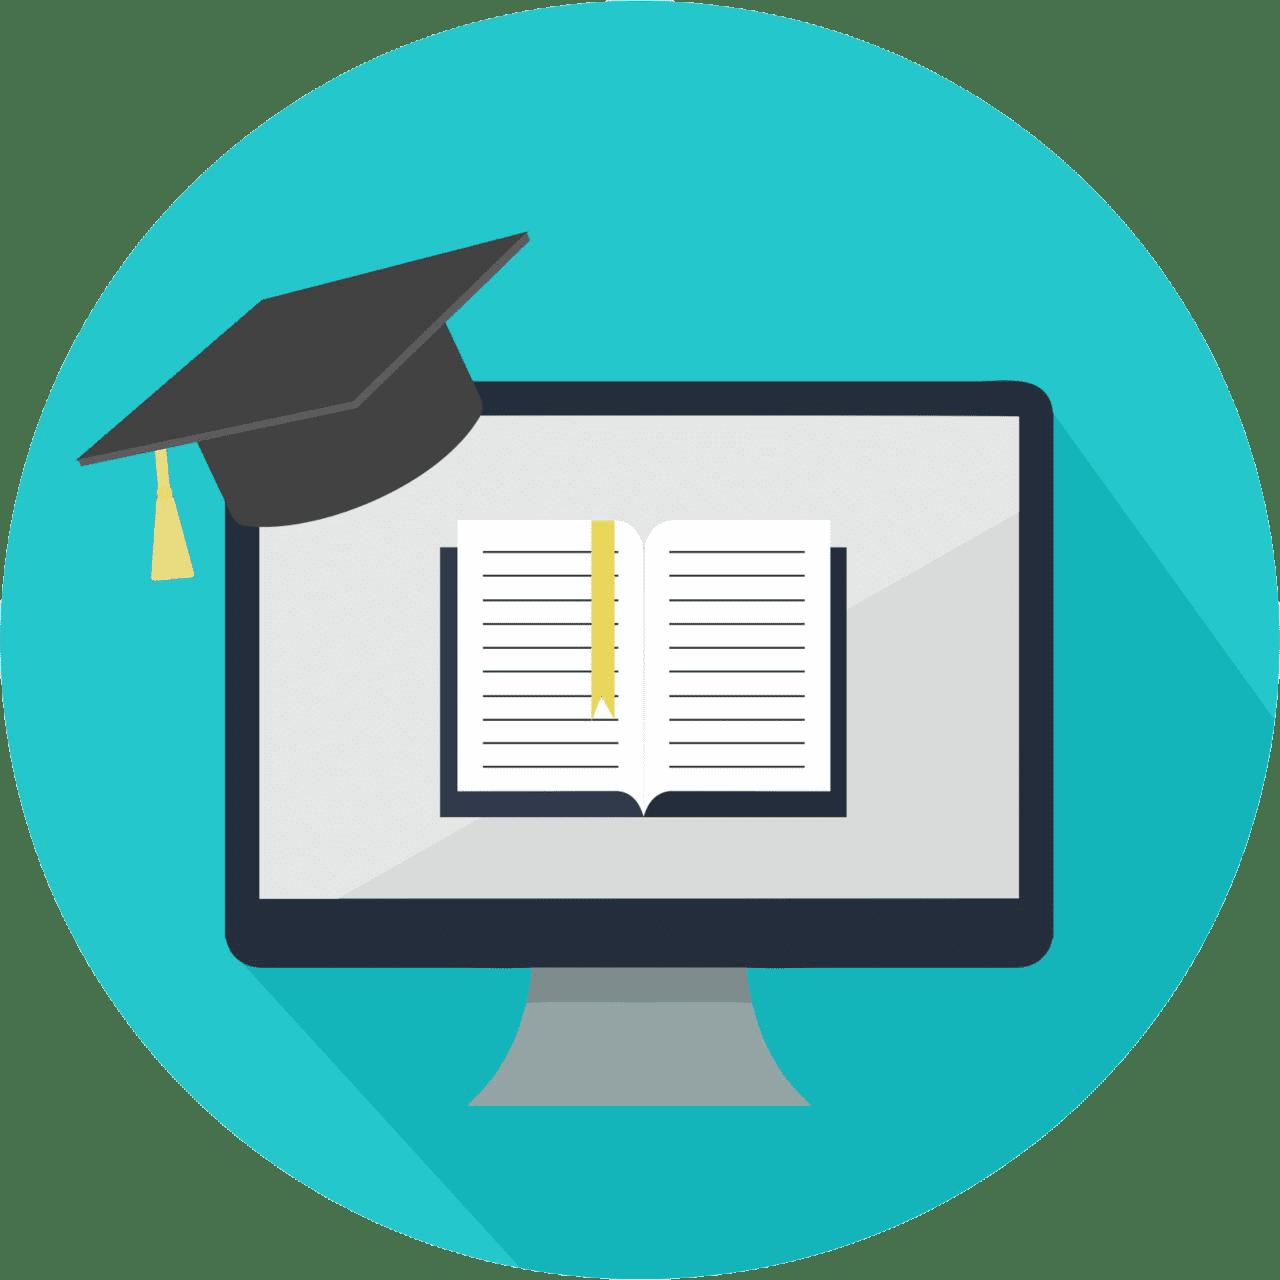 Требования журналов к научной статье